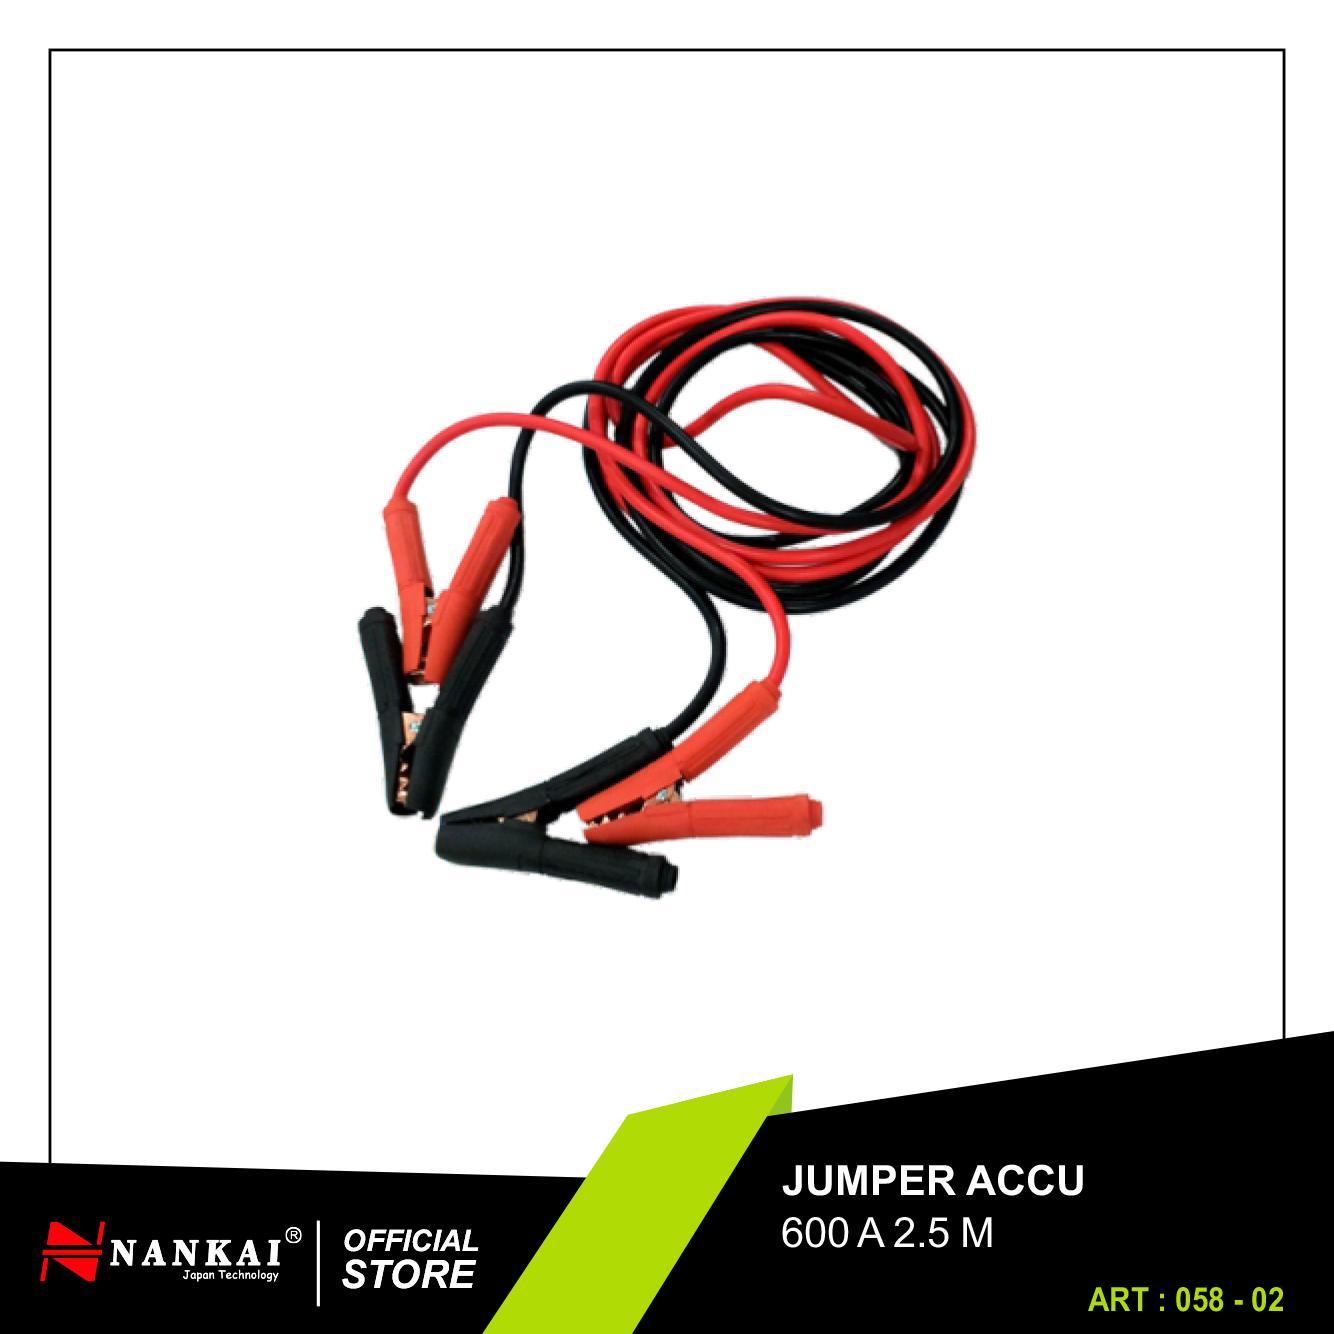 Perkakas Nankai Jumper Accu - Kabel Aki 600A Perkakas Tool